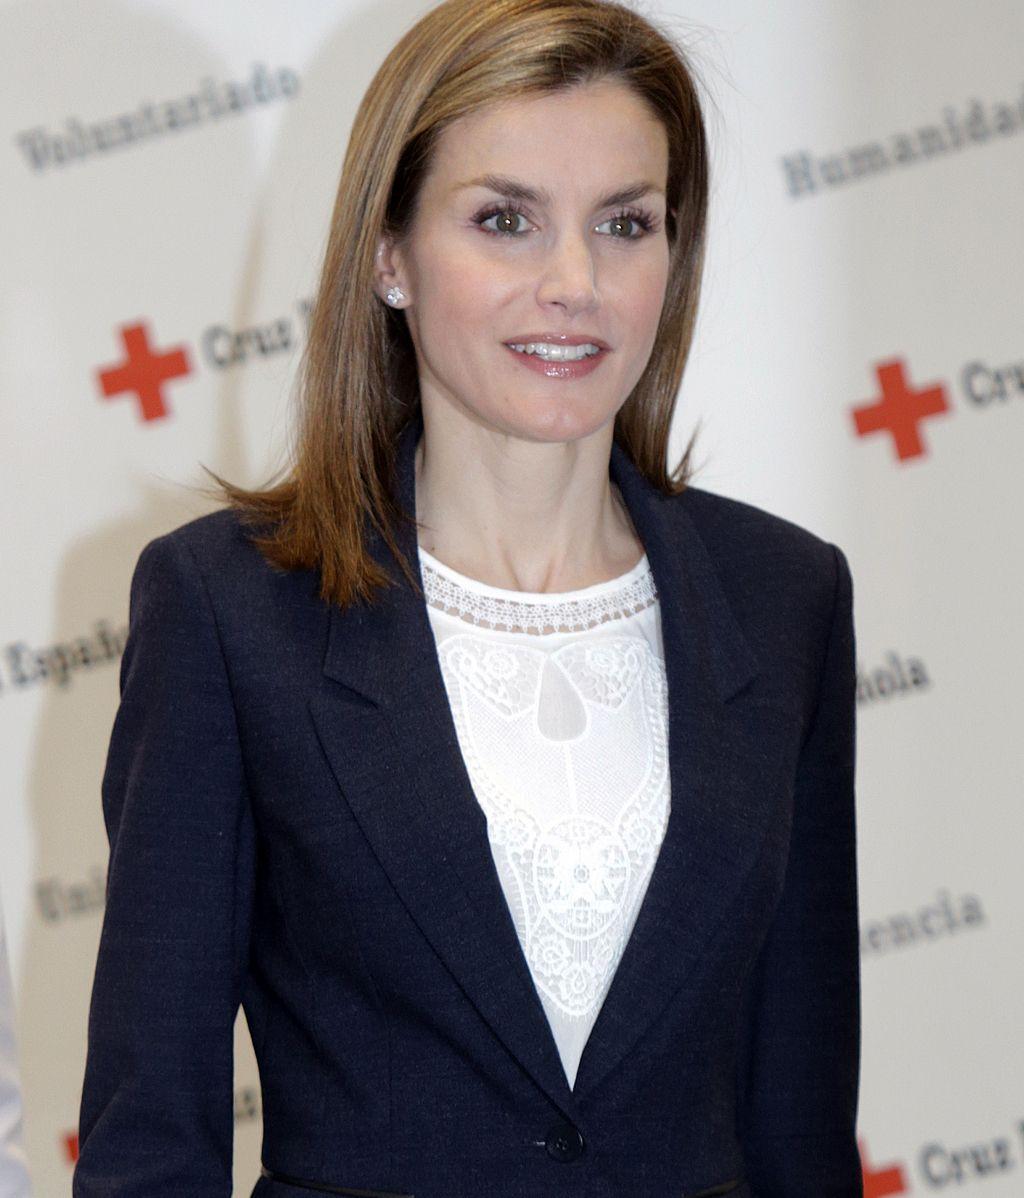 La Reina Letizia visita la sede central de Cruz Roja